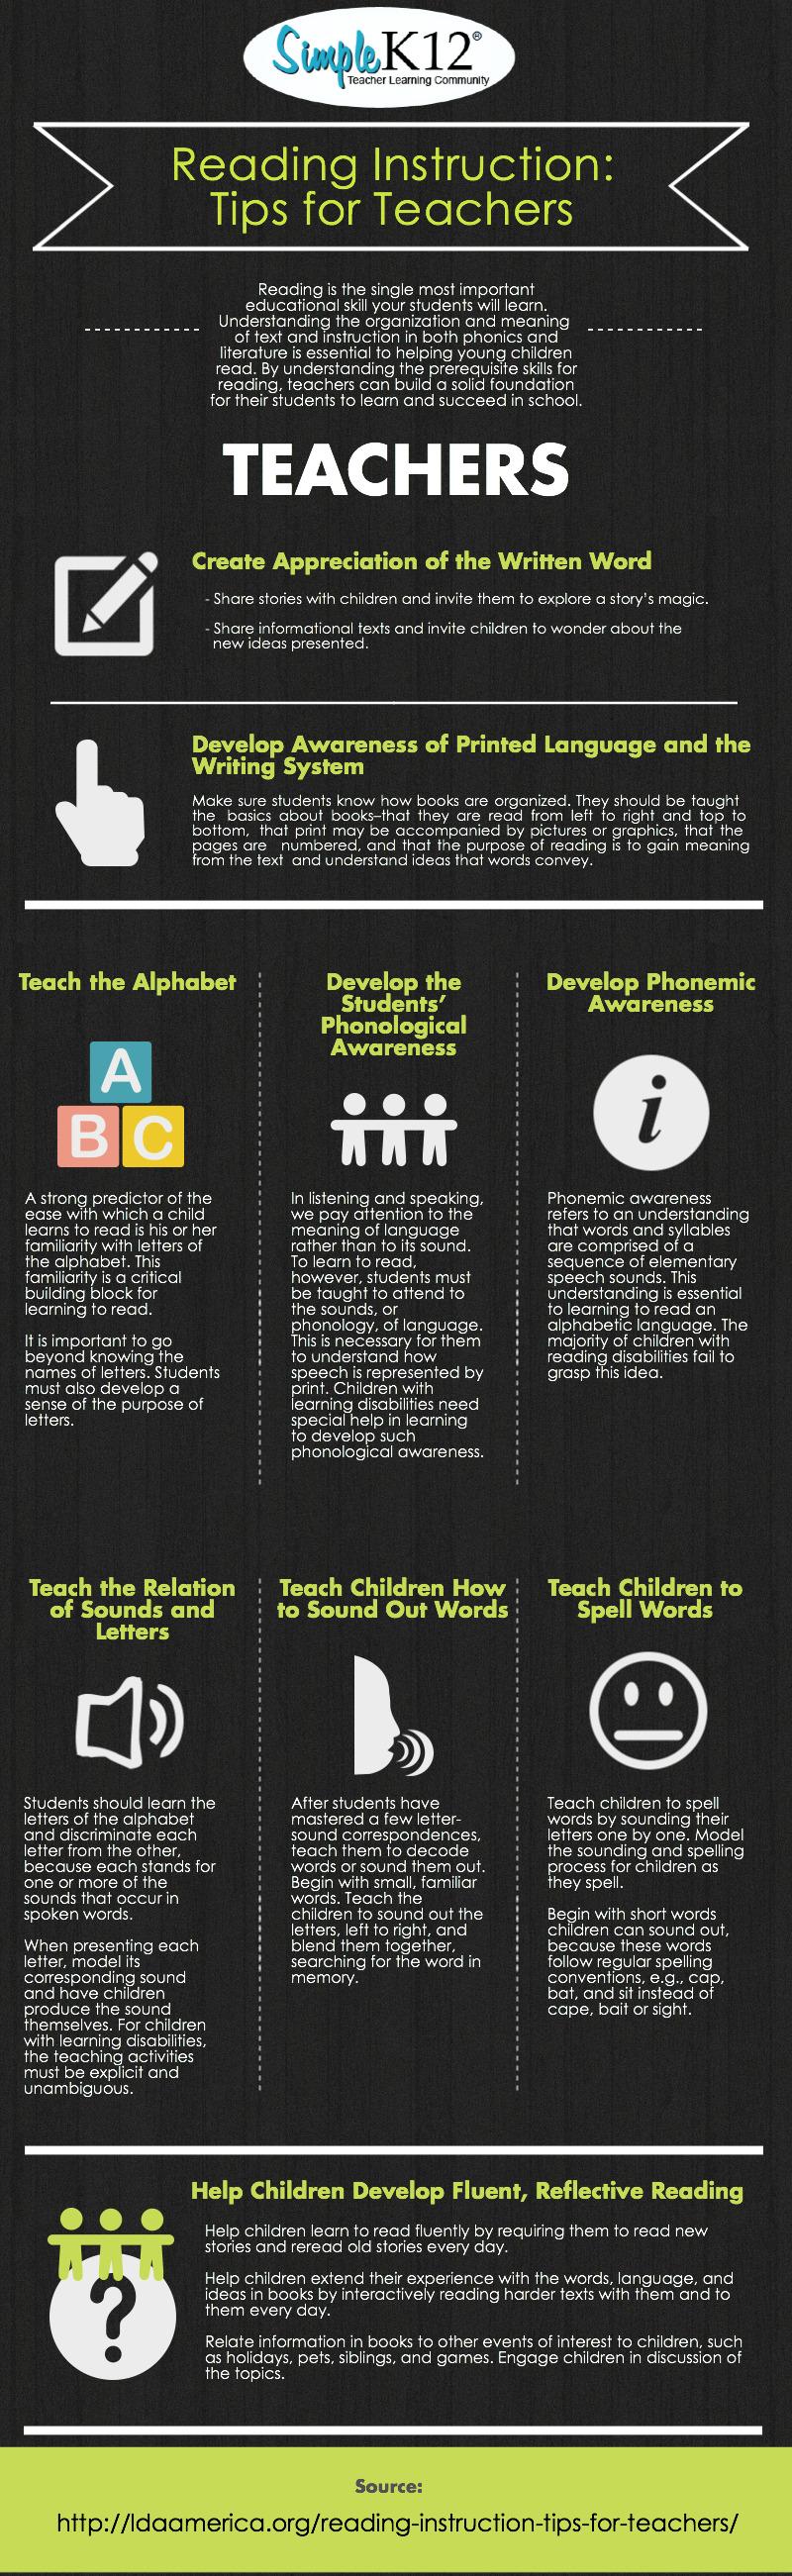 ReadingInstruction TeacherTips